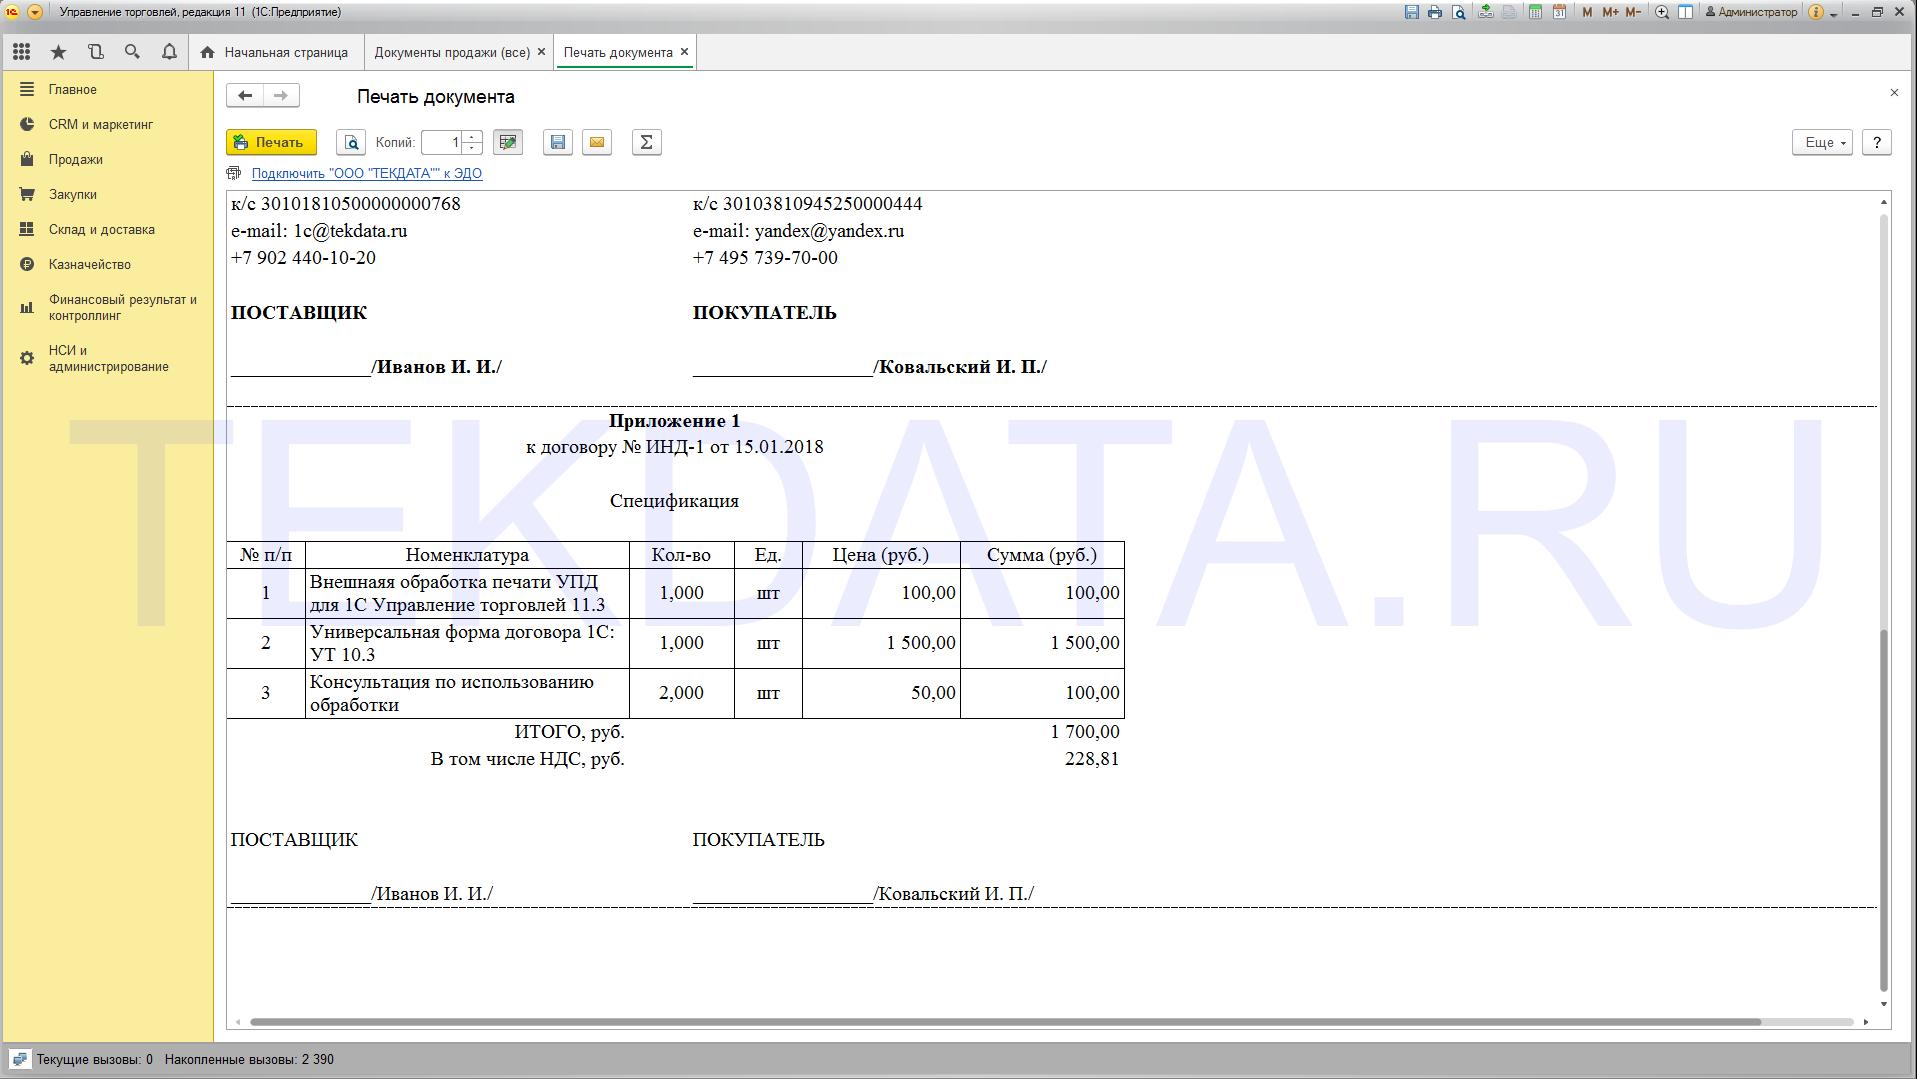 Универсальная печатная форма 1С:УТ 11.3 (внешняя обработка *.epf) | tekdata.ru